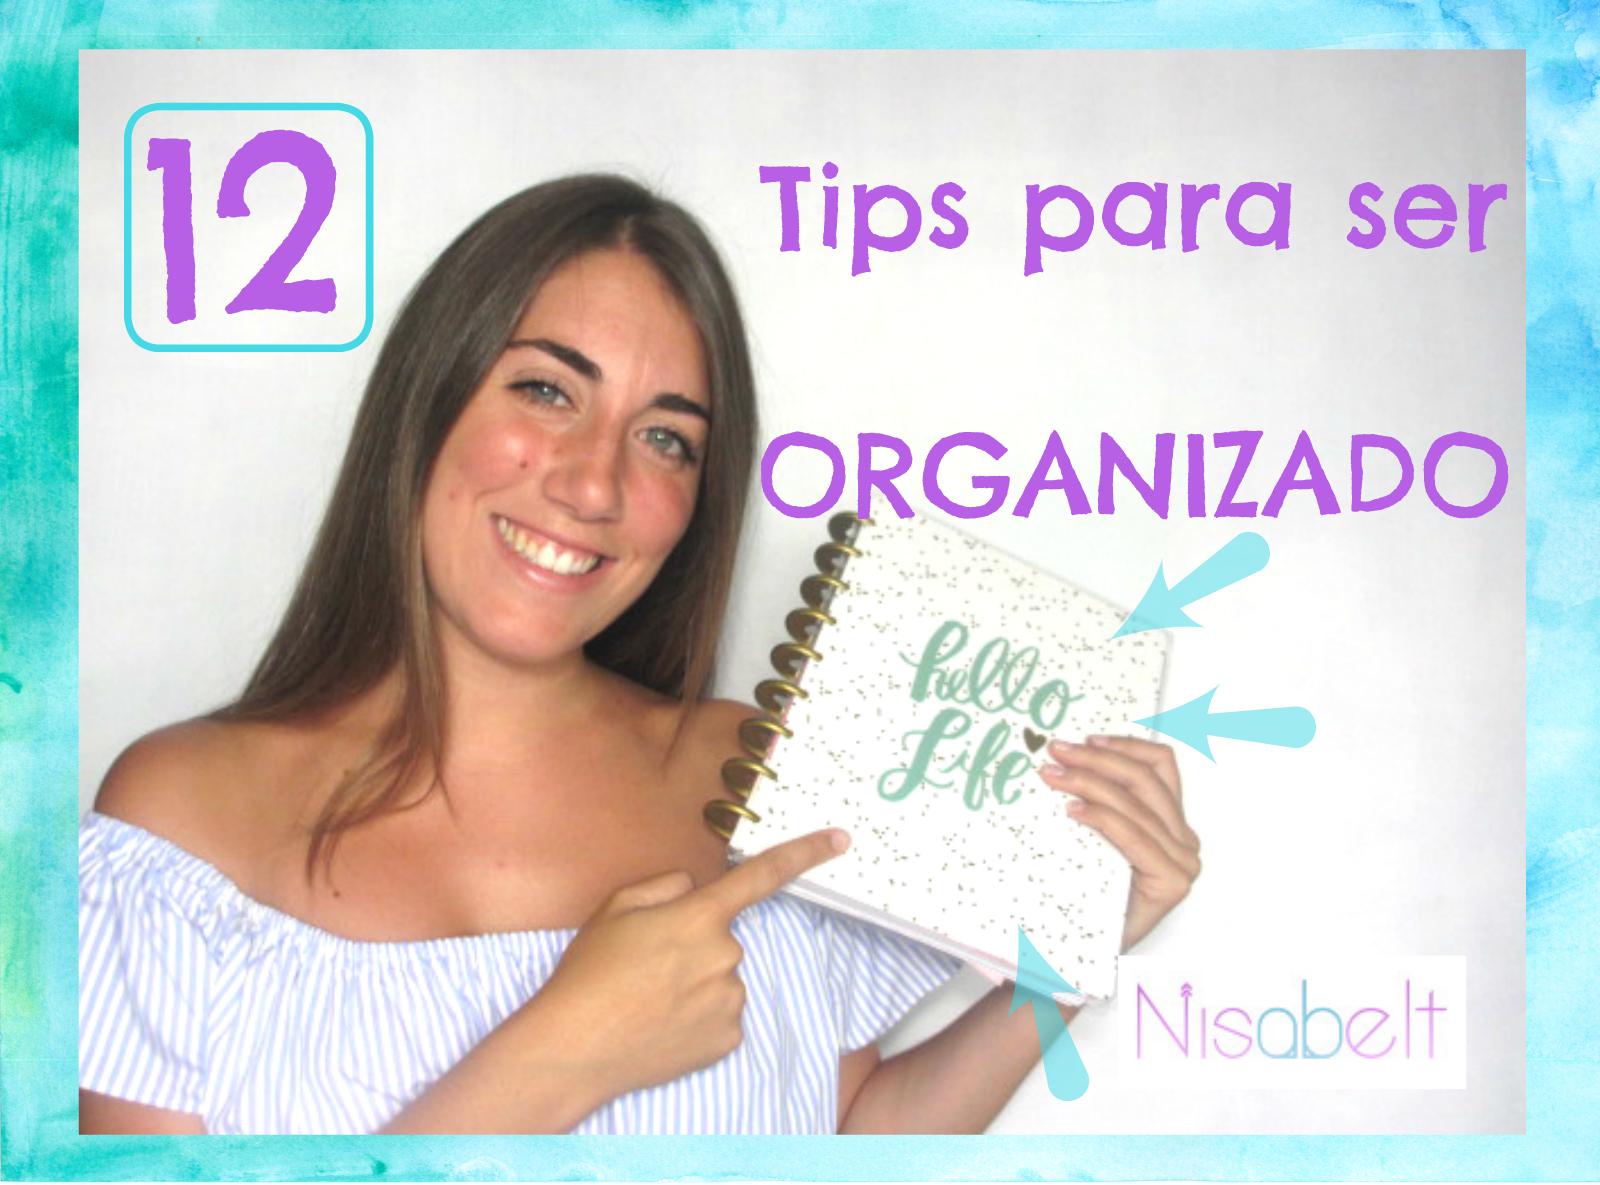 Los 12 tips para ser organizado en el estudio